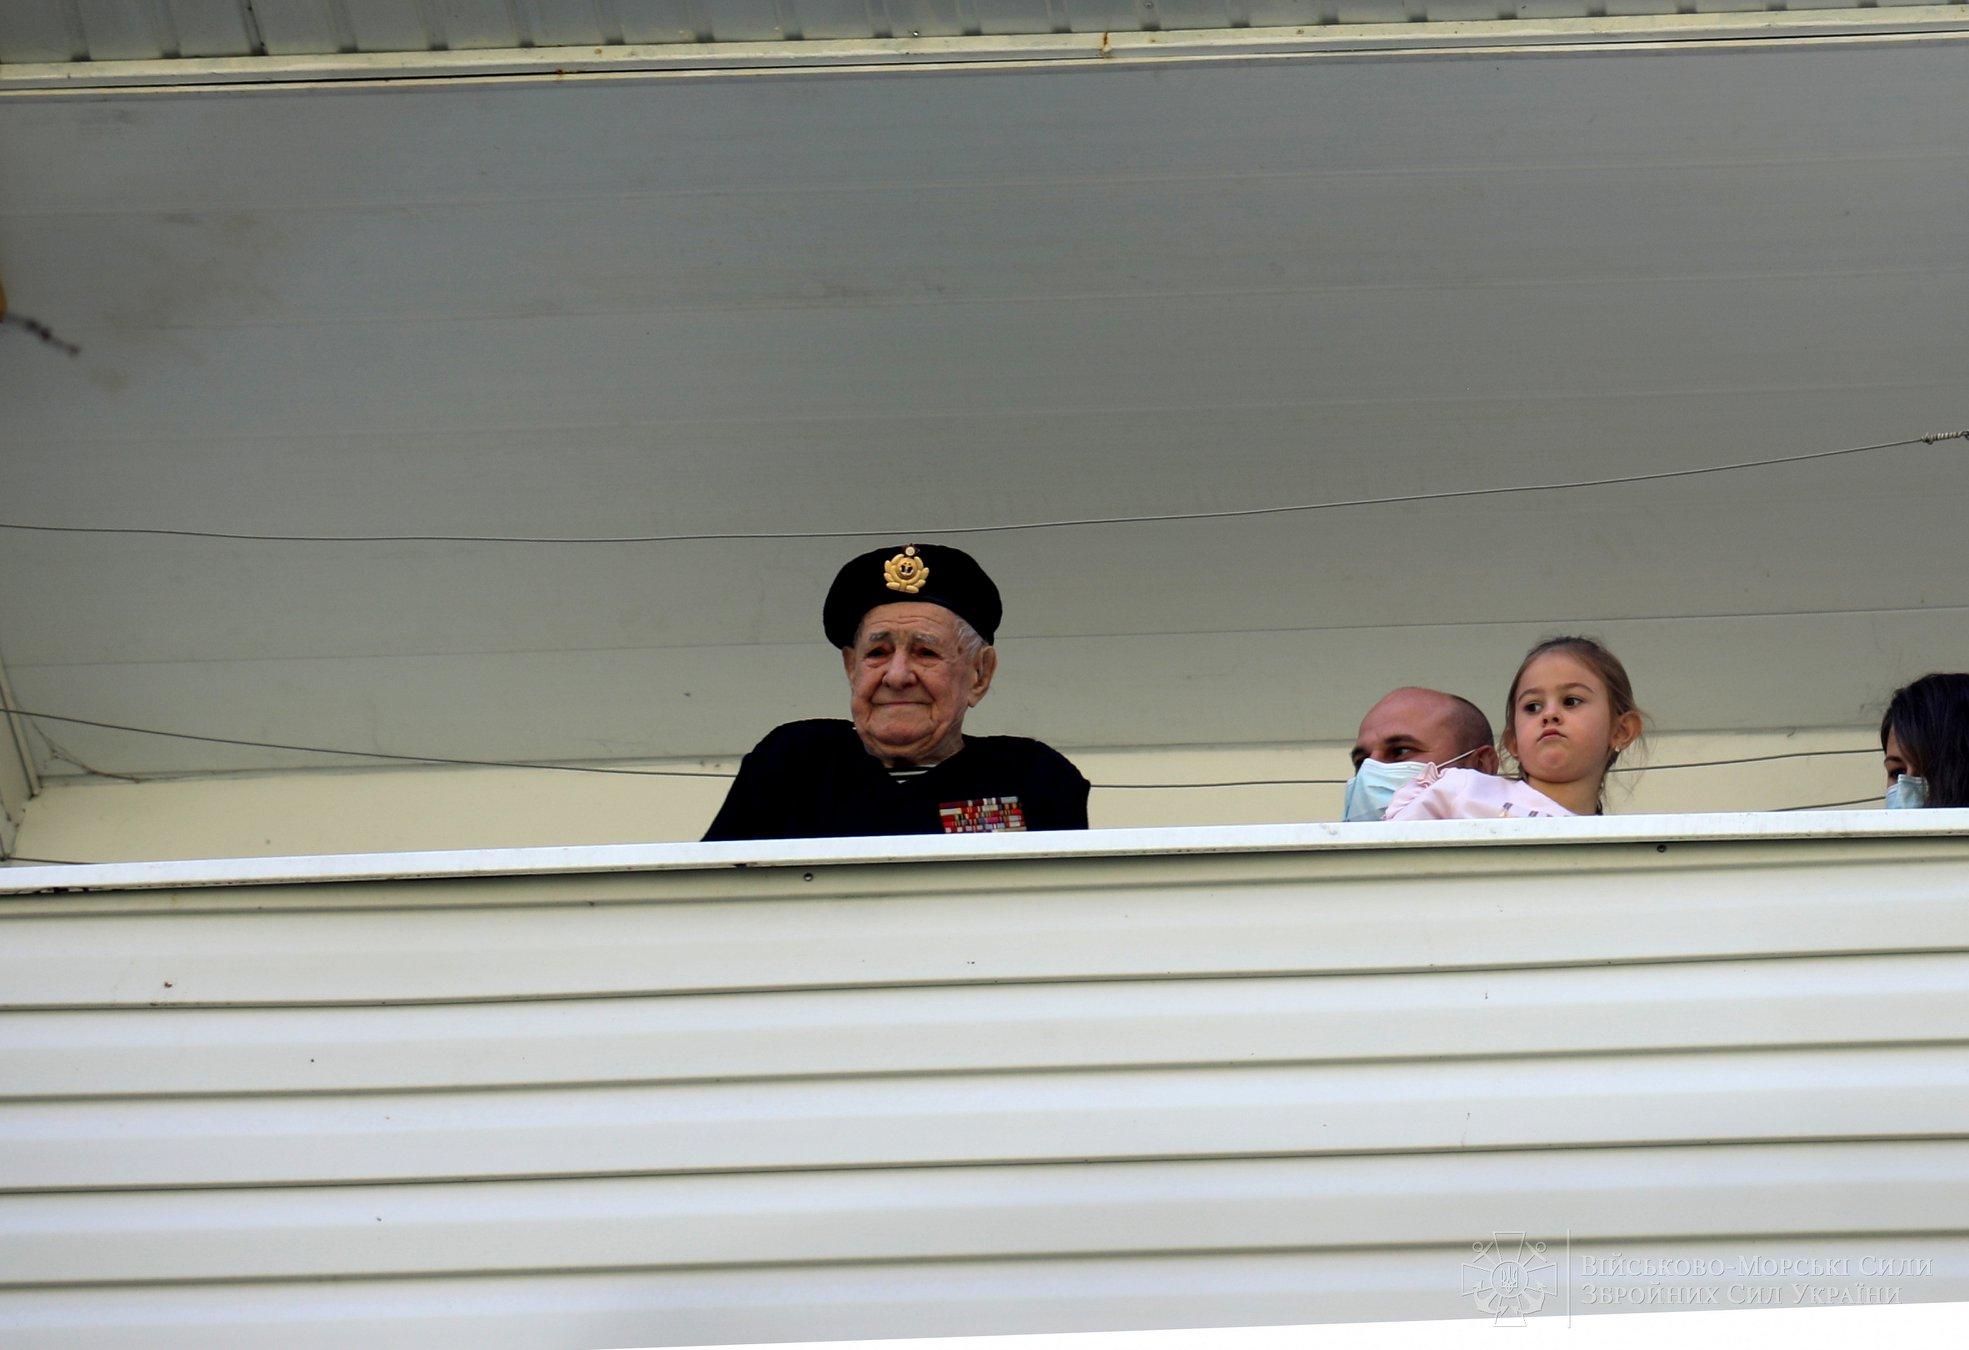 Командування ВМС України з оркестром привітало 100-річного ветерана з Днем перемоги